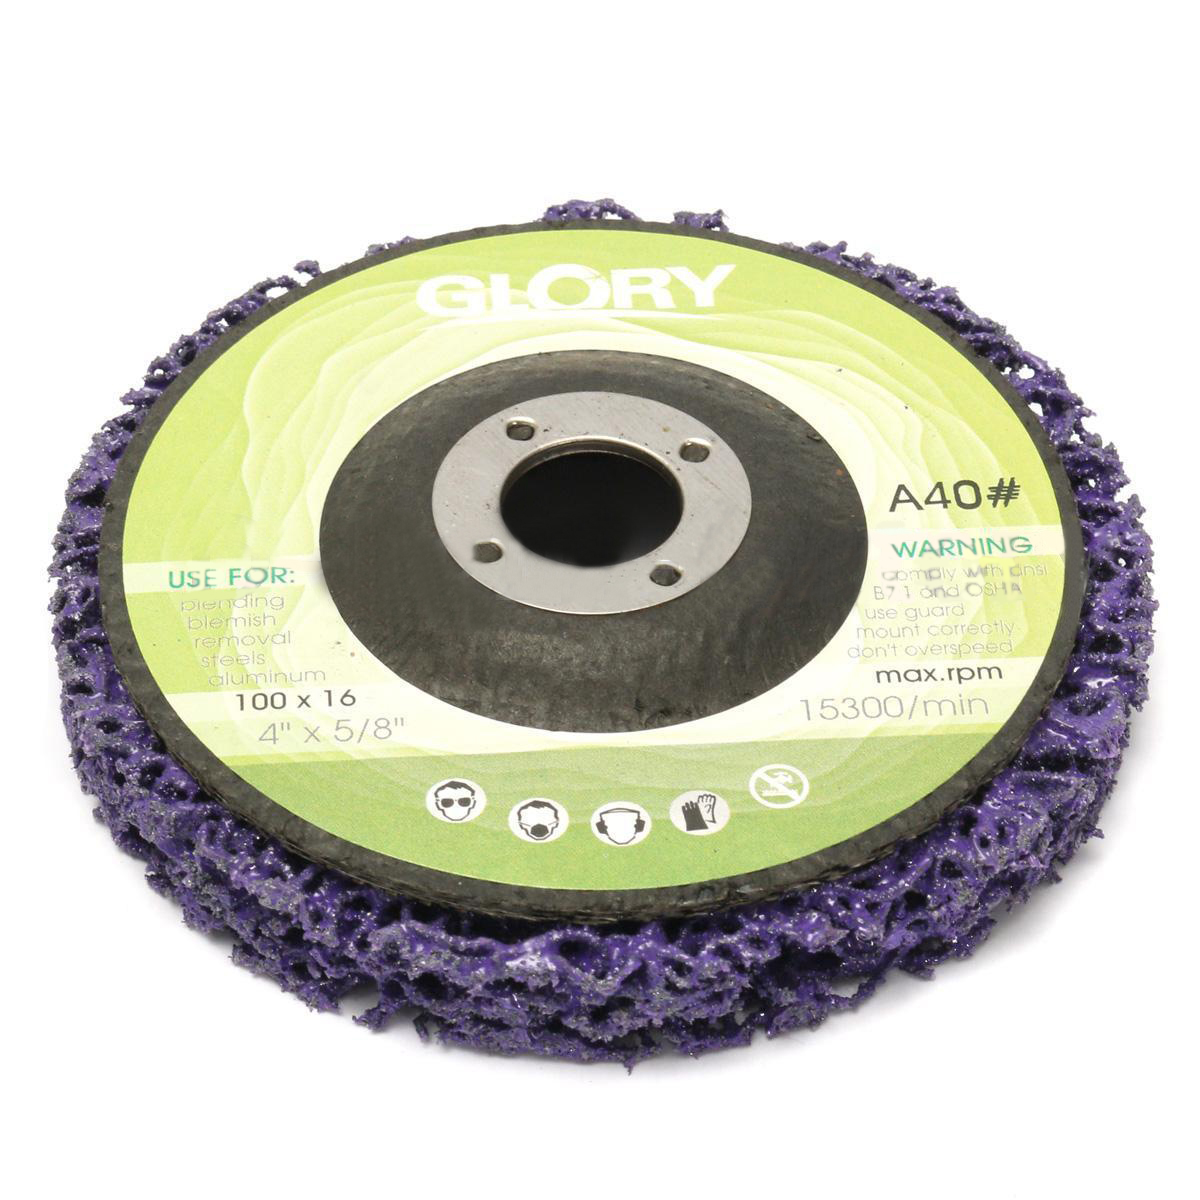 5 шт. прочный Поли полосы диск колеса 100*16 мм дерева, металла Краски удаления ржавчины чистке Абразивные инструменты для Болгарки mayitr